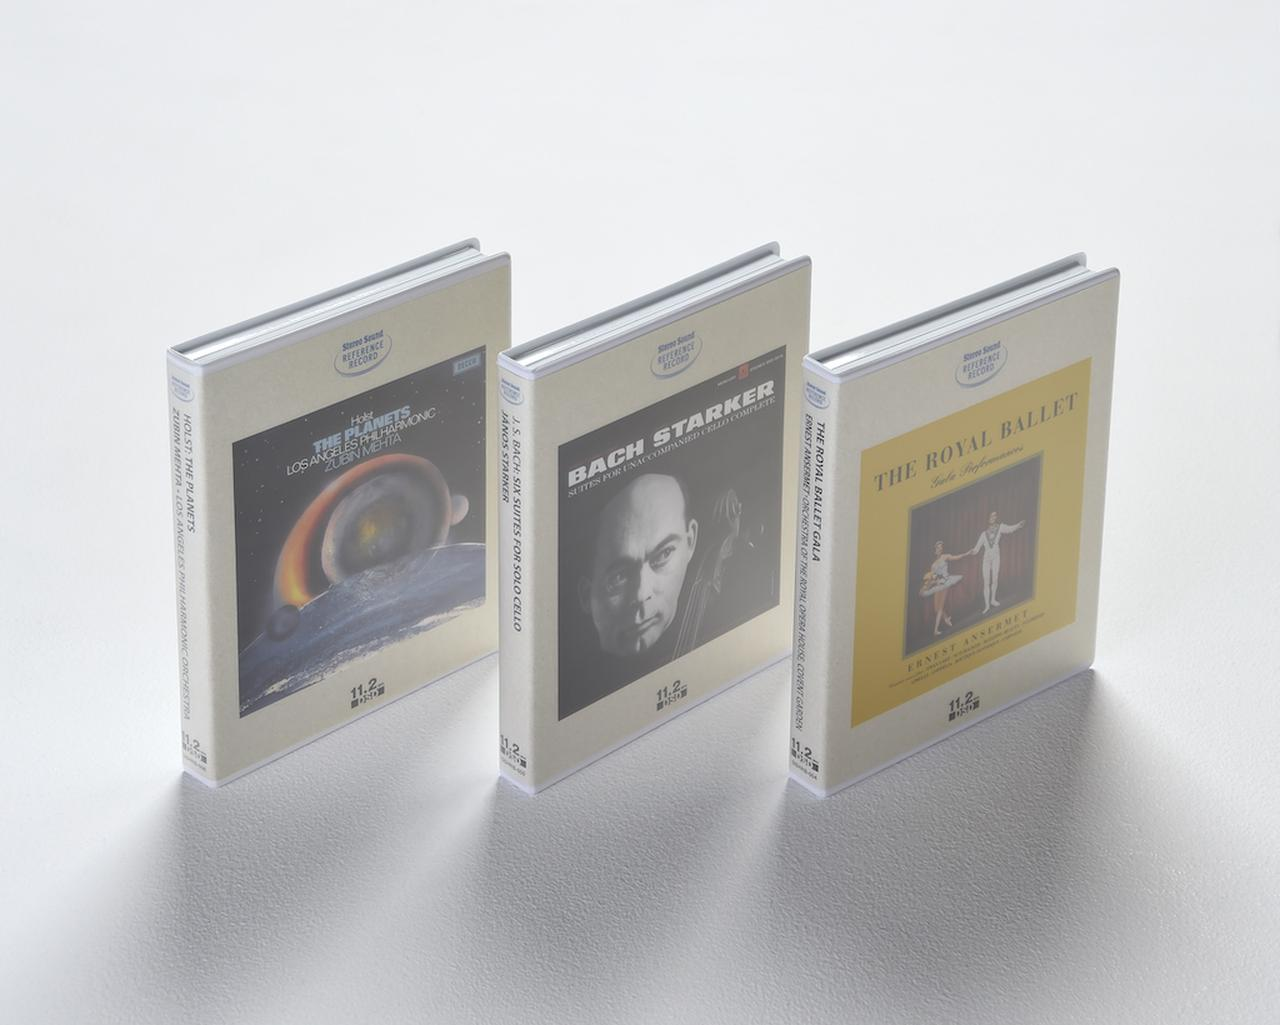 画像: ステレオサウンド社から発売されているDSD11.2MHz音源をBD-ROMに収めた「ハイレゾリューションマスターサウンドシリーズ」